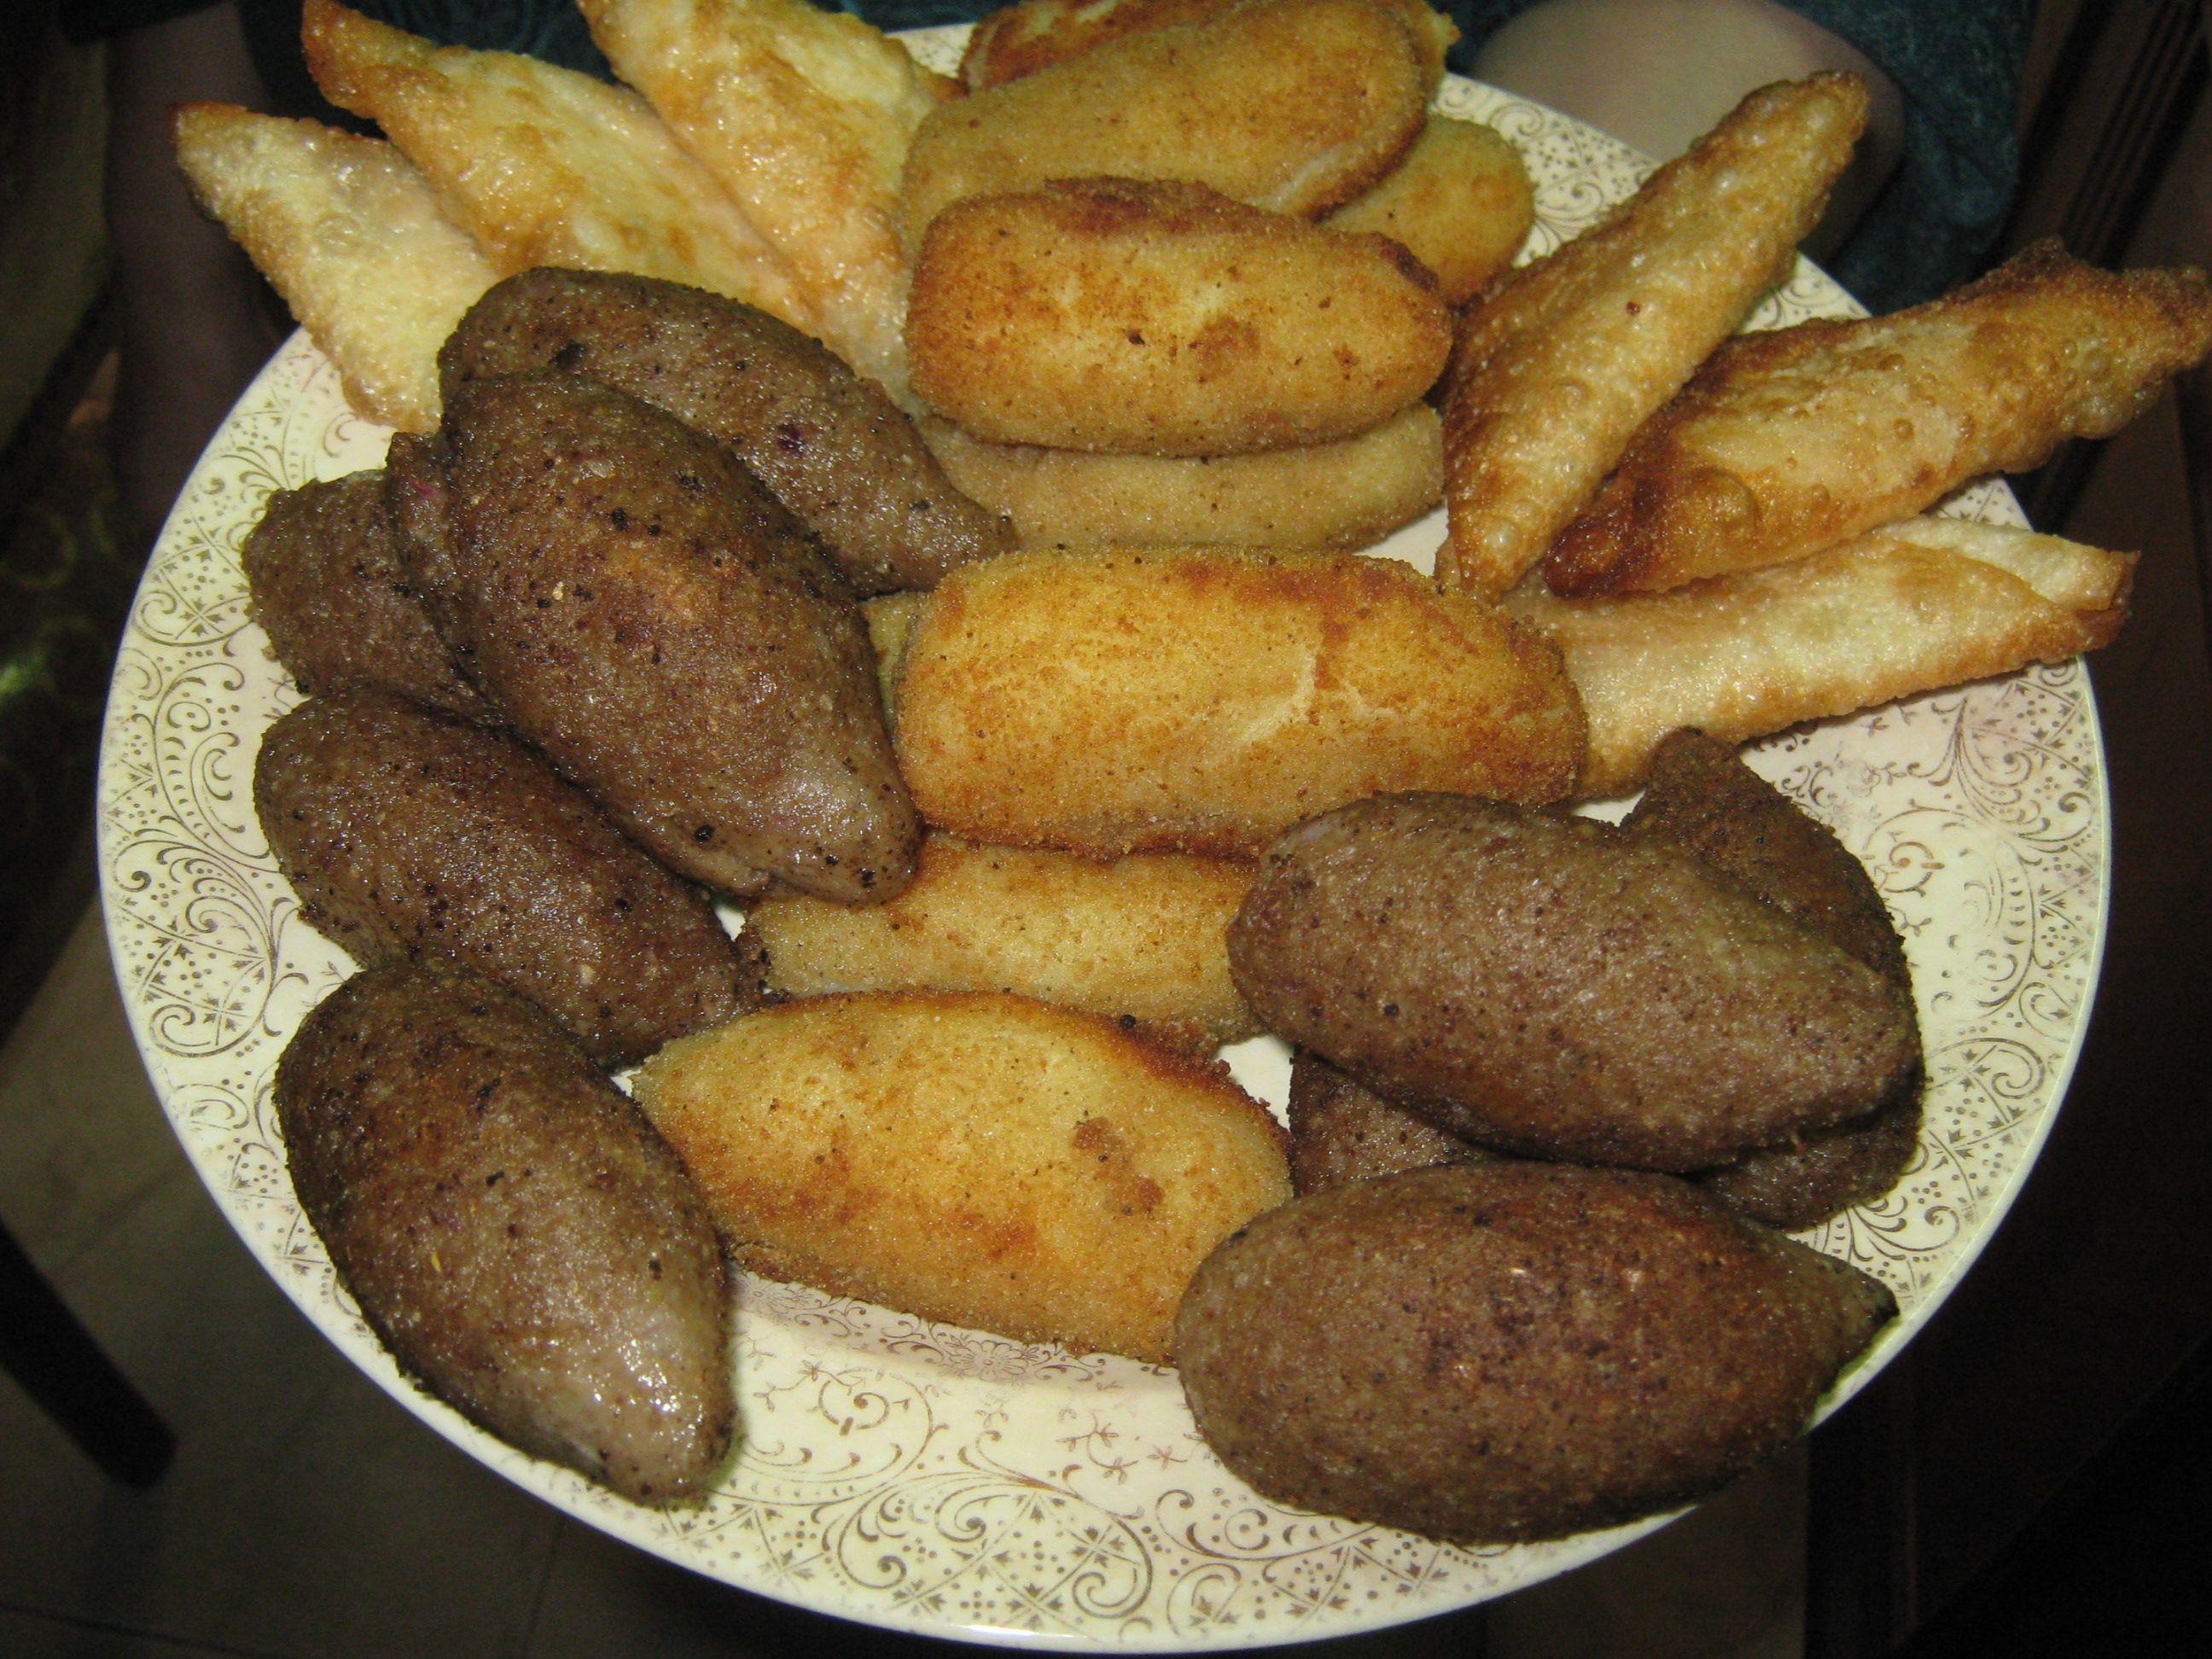 تشكيلة من الكبيبة الشامي كروكيت البطاطس بالجبنة سمبوسك جبنة بيضاء بالنعناع و سمبوسك كيري بسطرمة بعد التسوية Food Pretzel Bites Sausage